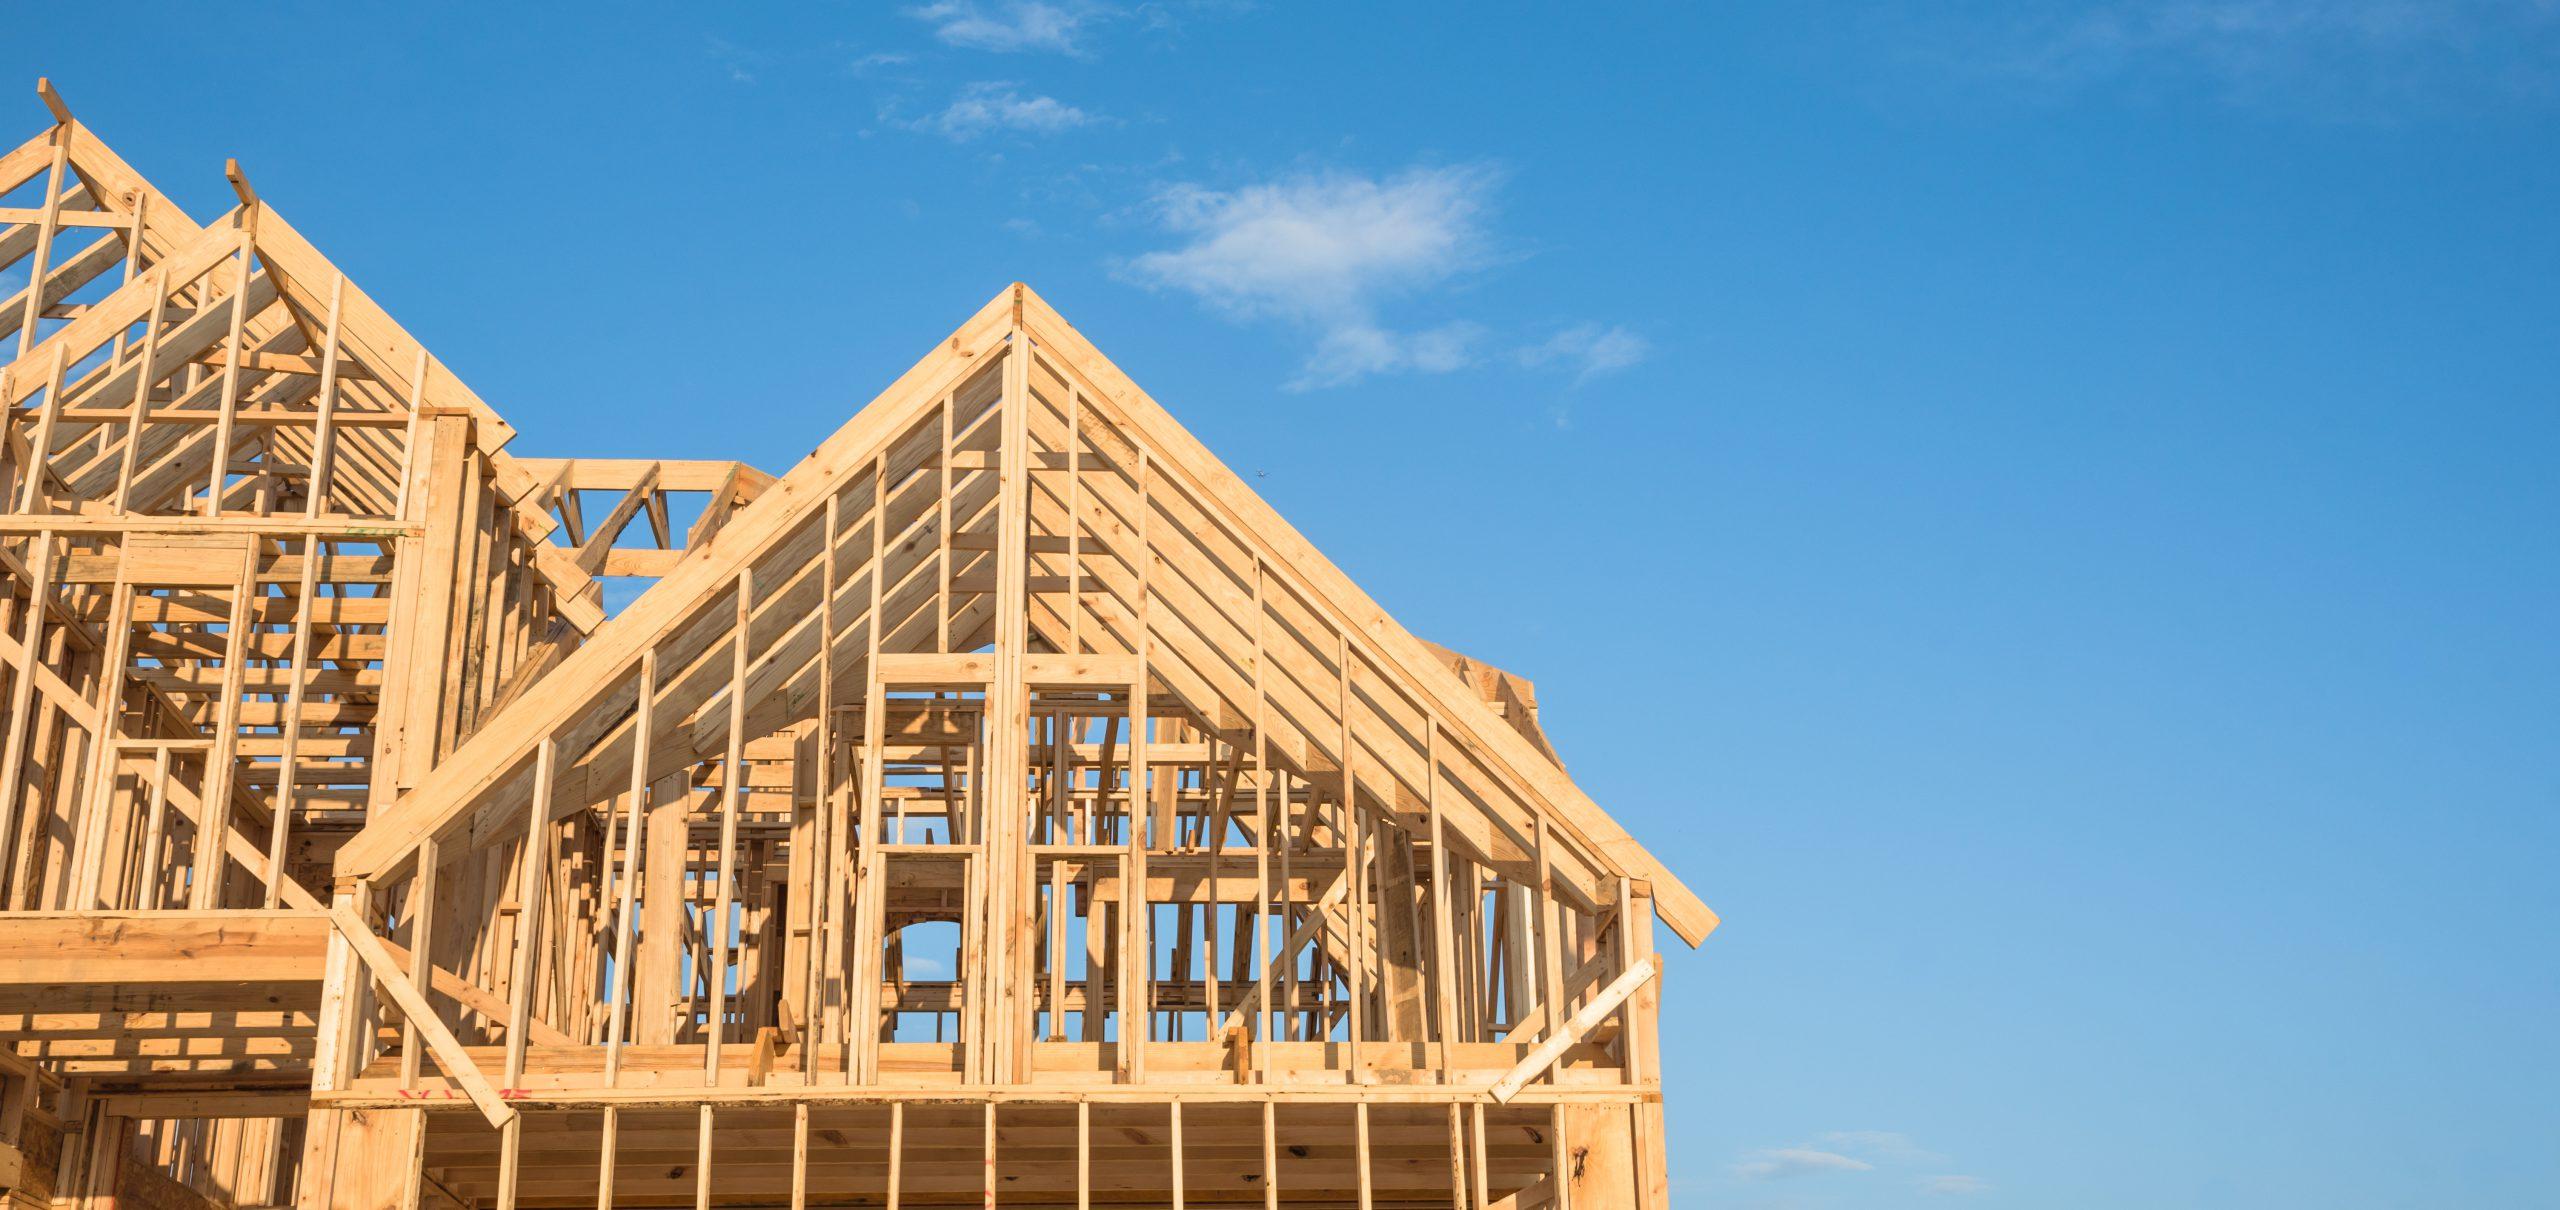 Recepta na szybkie i tanie budowanie – które materiały wybrać, by przyspieszyć budowę domu?